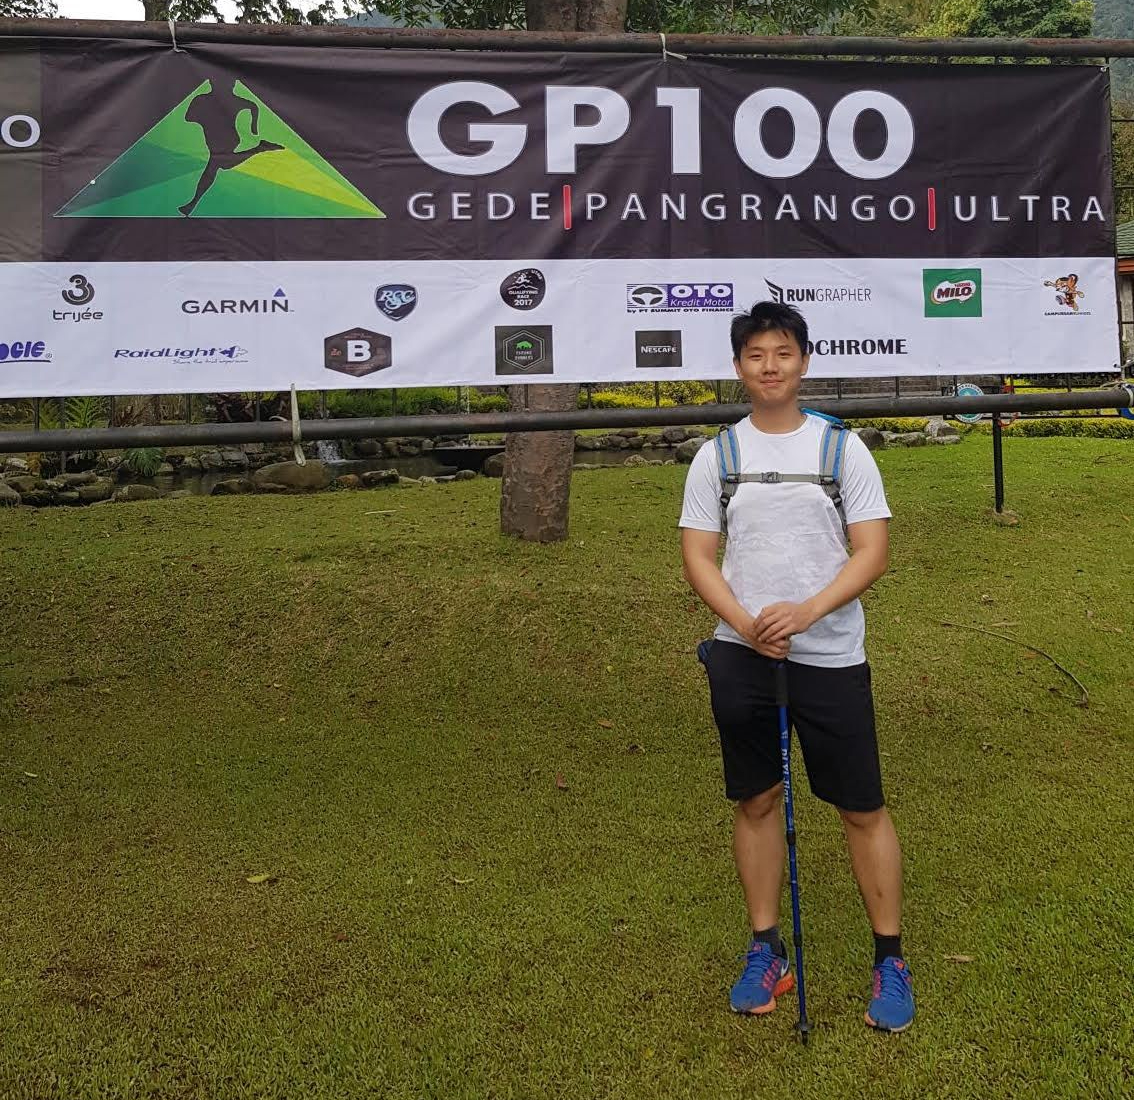 GP100 bun2